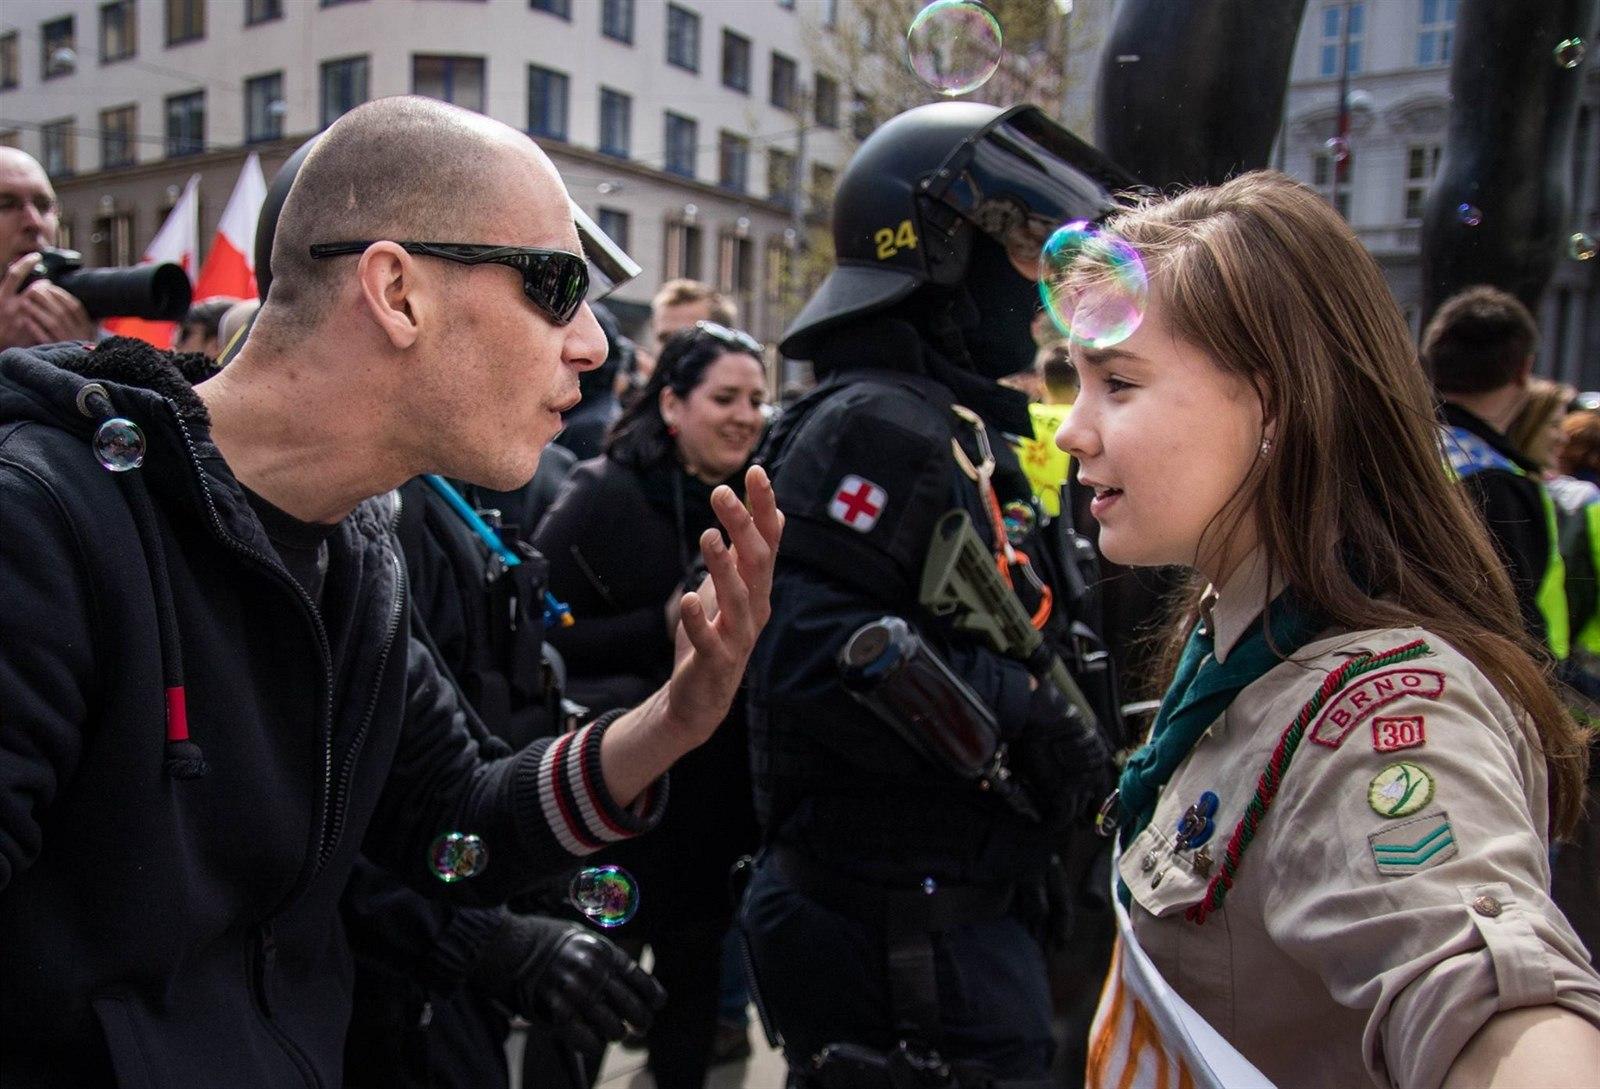 Snímek mladé skautky diskutující s rozčileným pravicovým extremistou při prvomájovém pochodu Brnem se prosadil do prestižních světových médií.